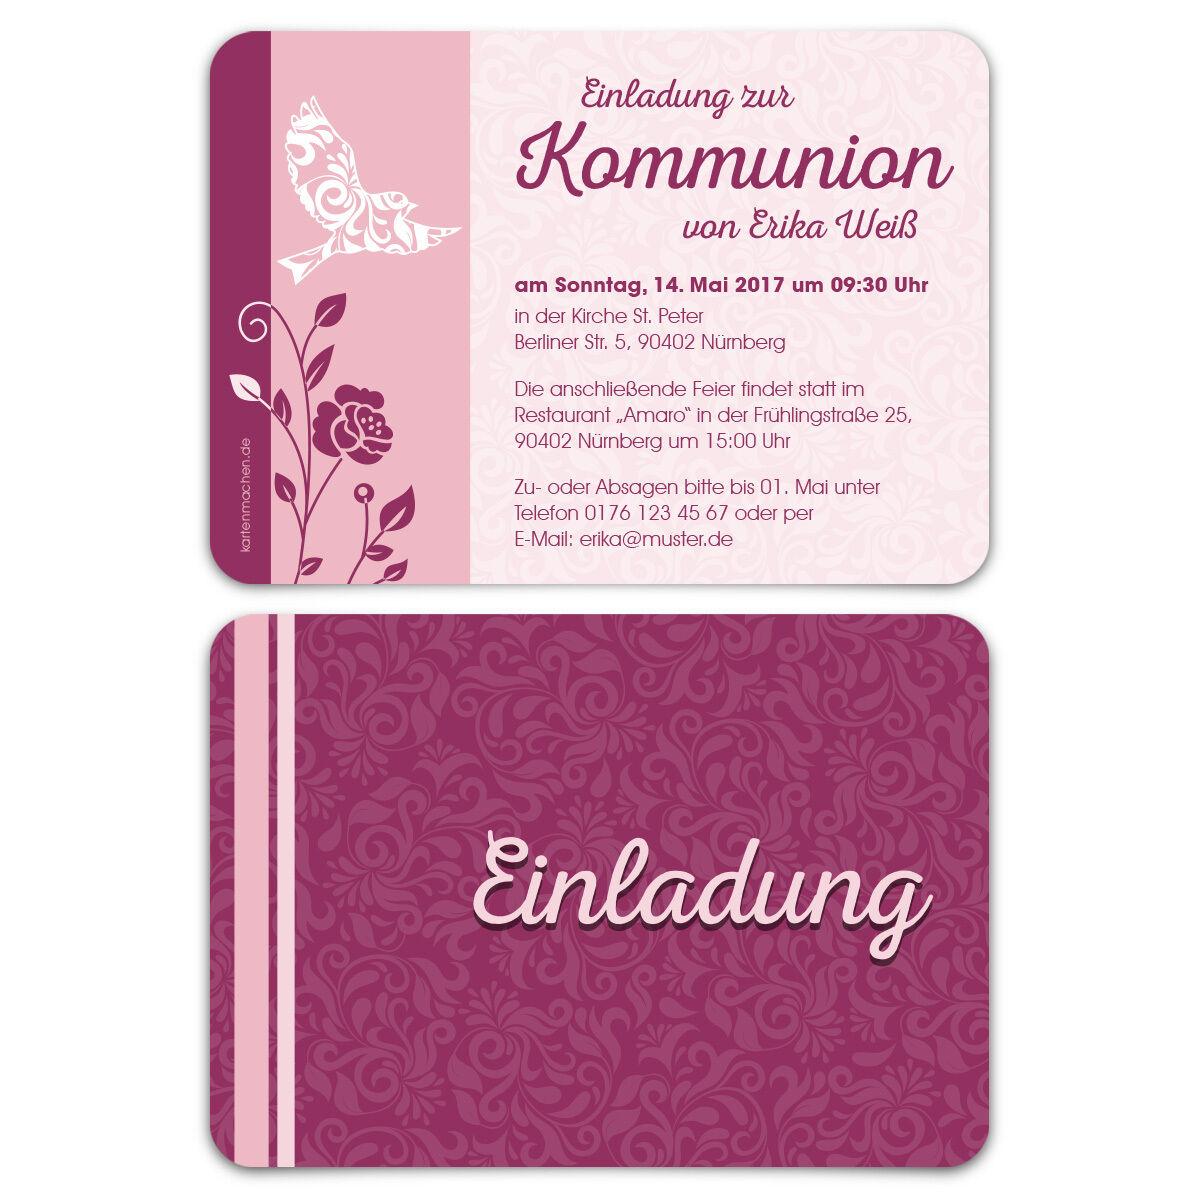 Kommunion Einladungskarten - Friedenstaube - Kommunionskarten Einladung   | Die Qualität Und Die Verbraucher Zunächst  | Grüne, neue Technologie